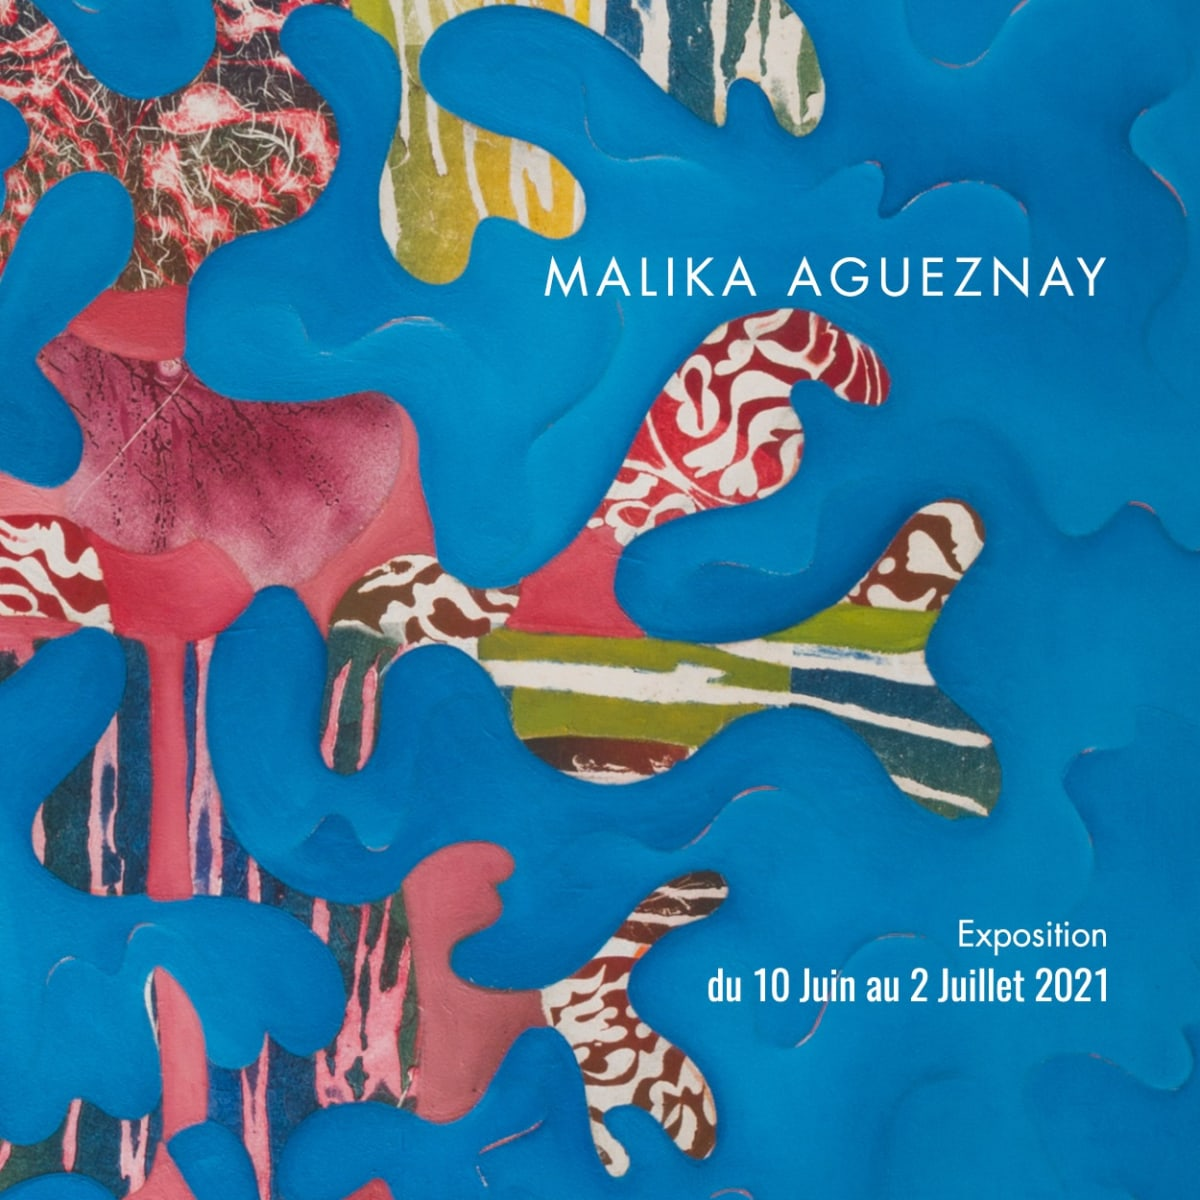 Catalogue Malika Agueznay